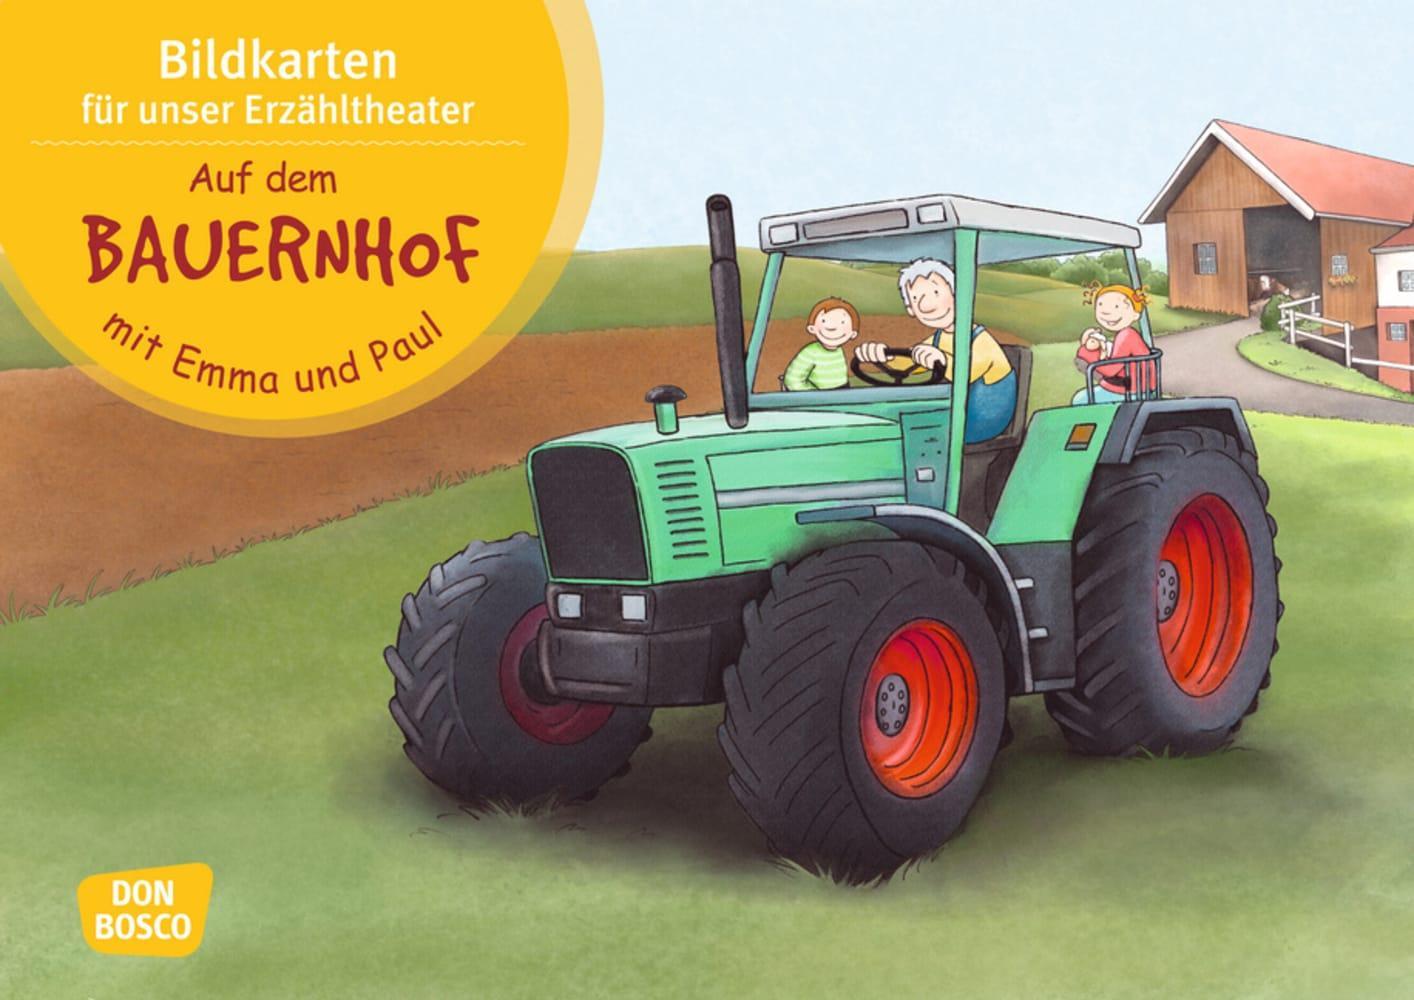 Auf dem Bauernhof mit Emma und Paul. Bildkartenset. als sonstige Artikel